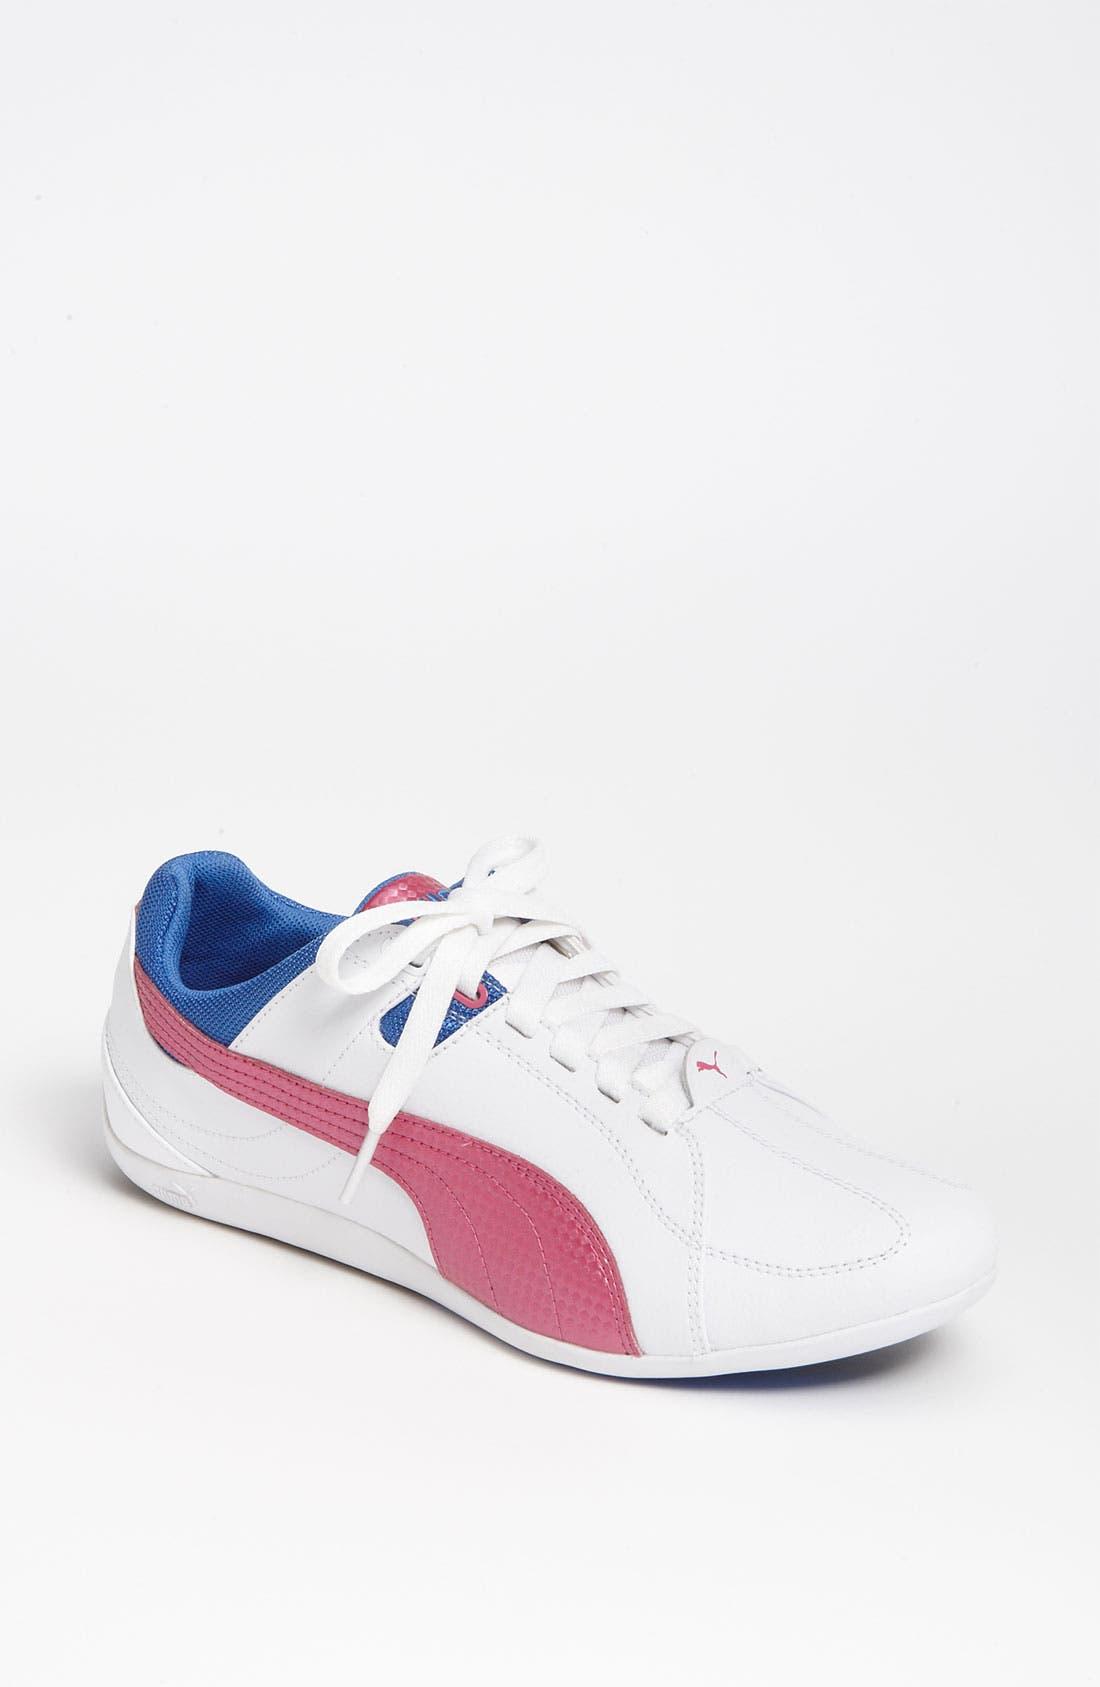 Alternate Image 1 Selected - PUMA 'Track Cat' Sneaker (Women)